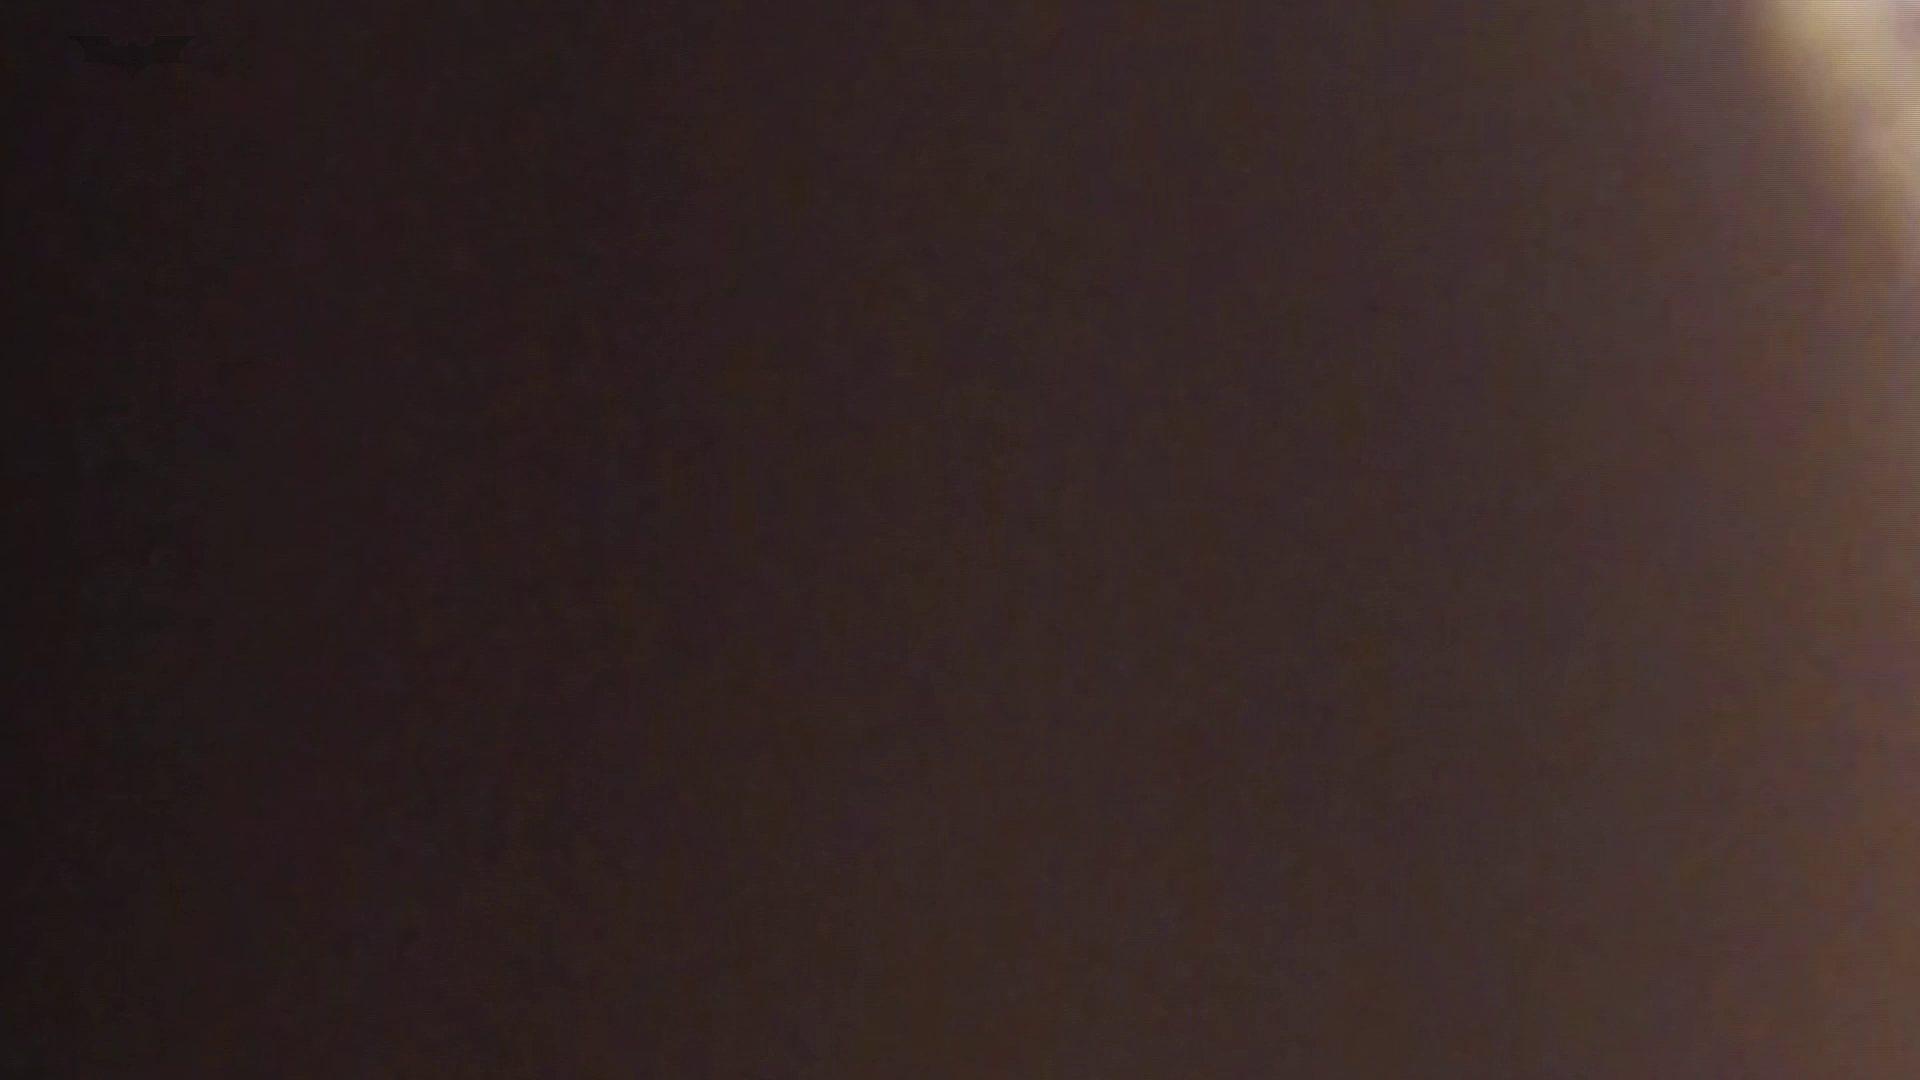 和式洋式七変化 Vol.31 洋式だけど丸見えですっ!! 0 | 0  97画像 38